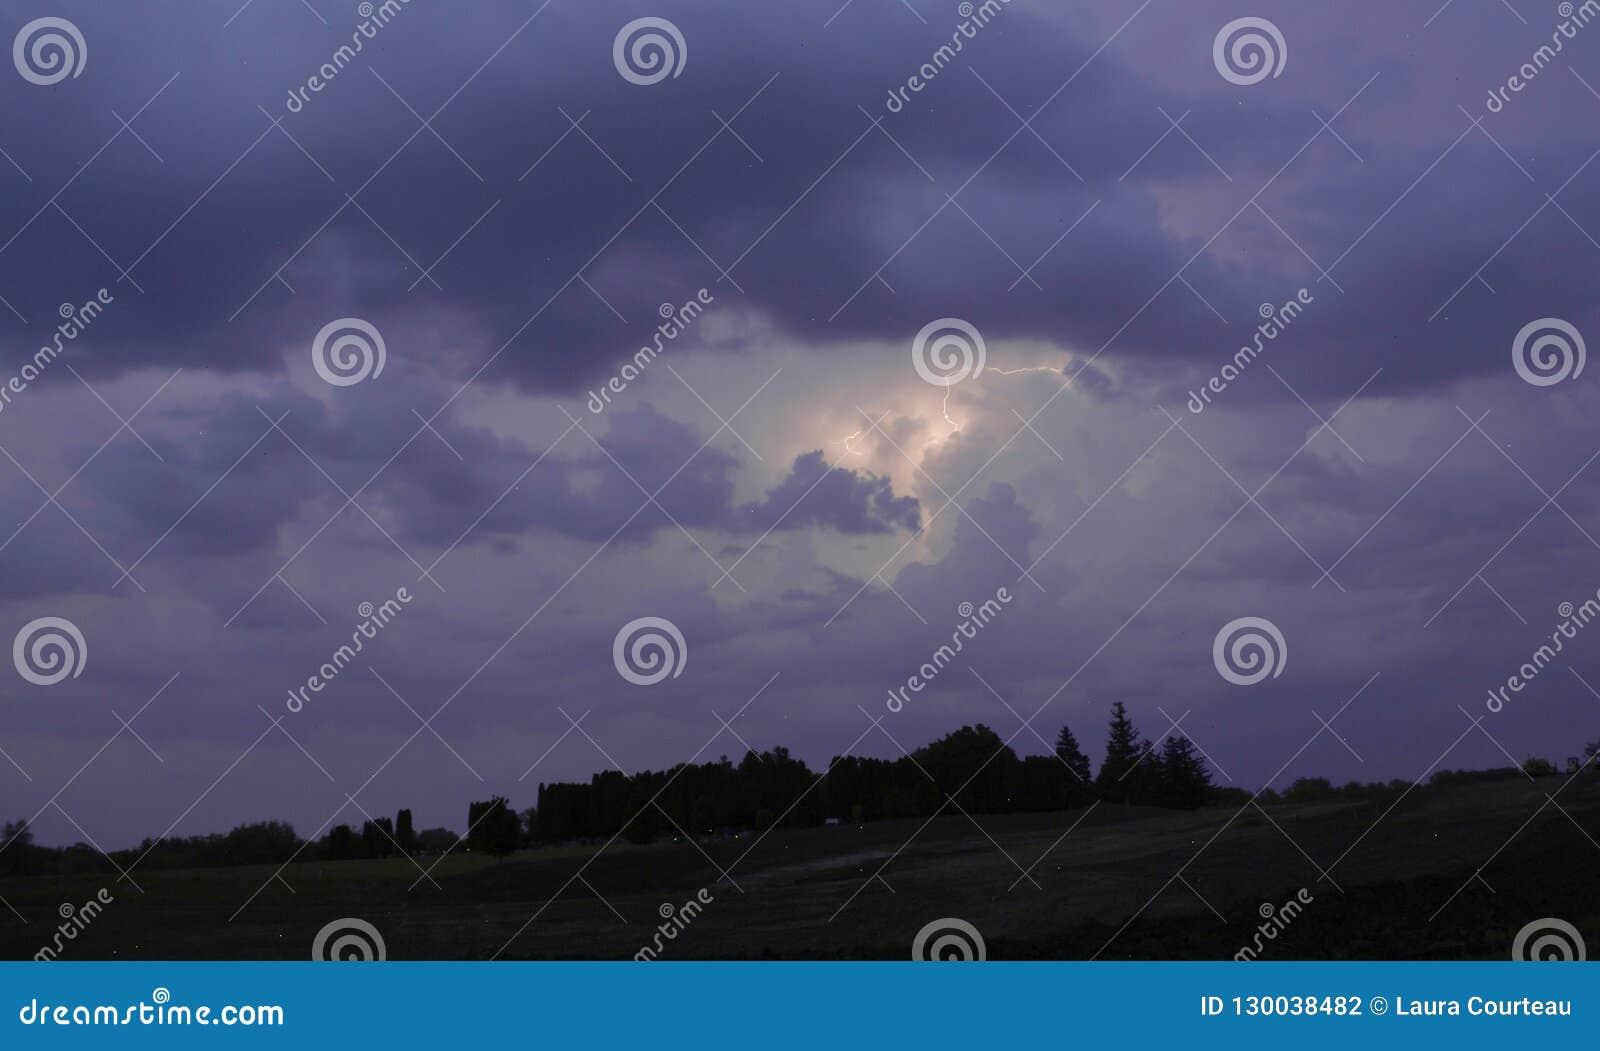 Καταιγίδα με την αστραπή στη μέση του πορφυρού ουρανού επάνω από τα σκοτεινά δέντρα σε Μινεσότα